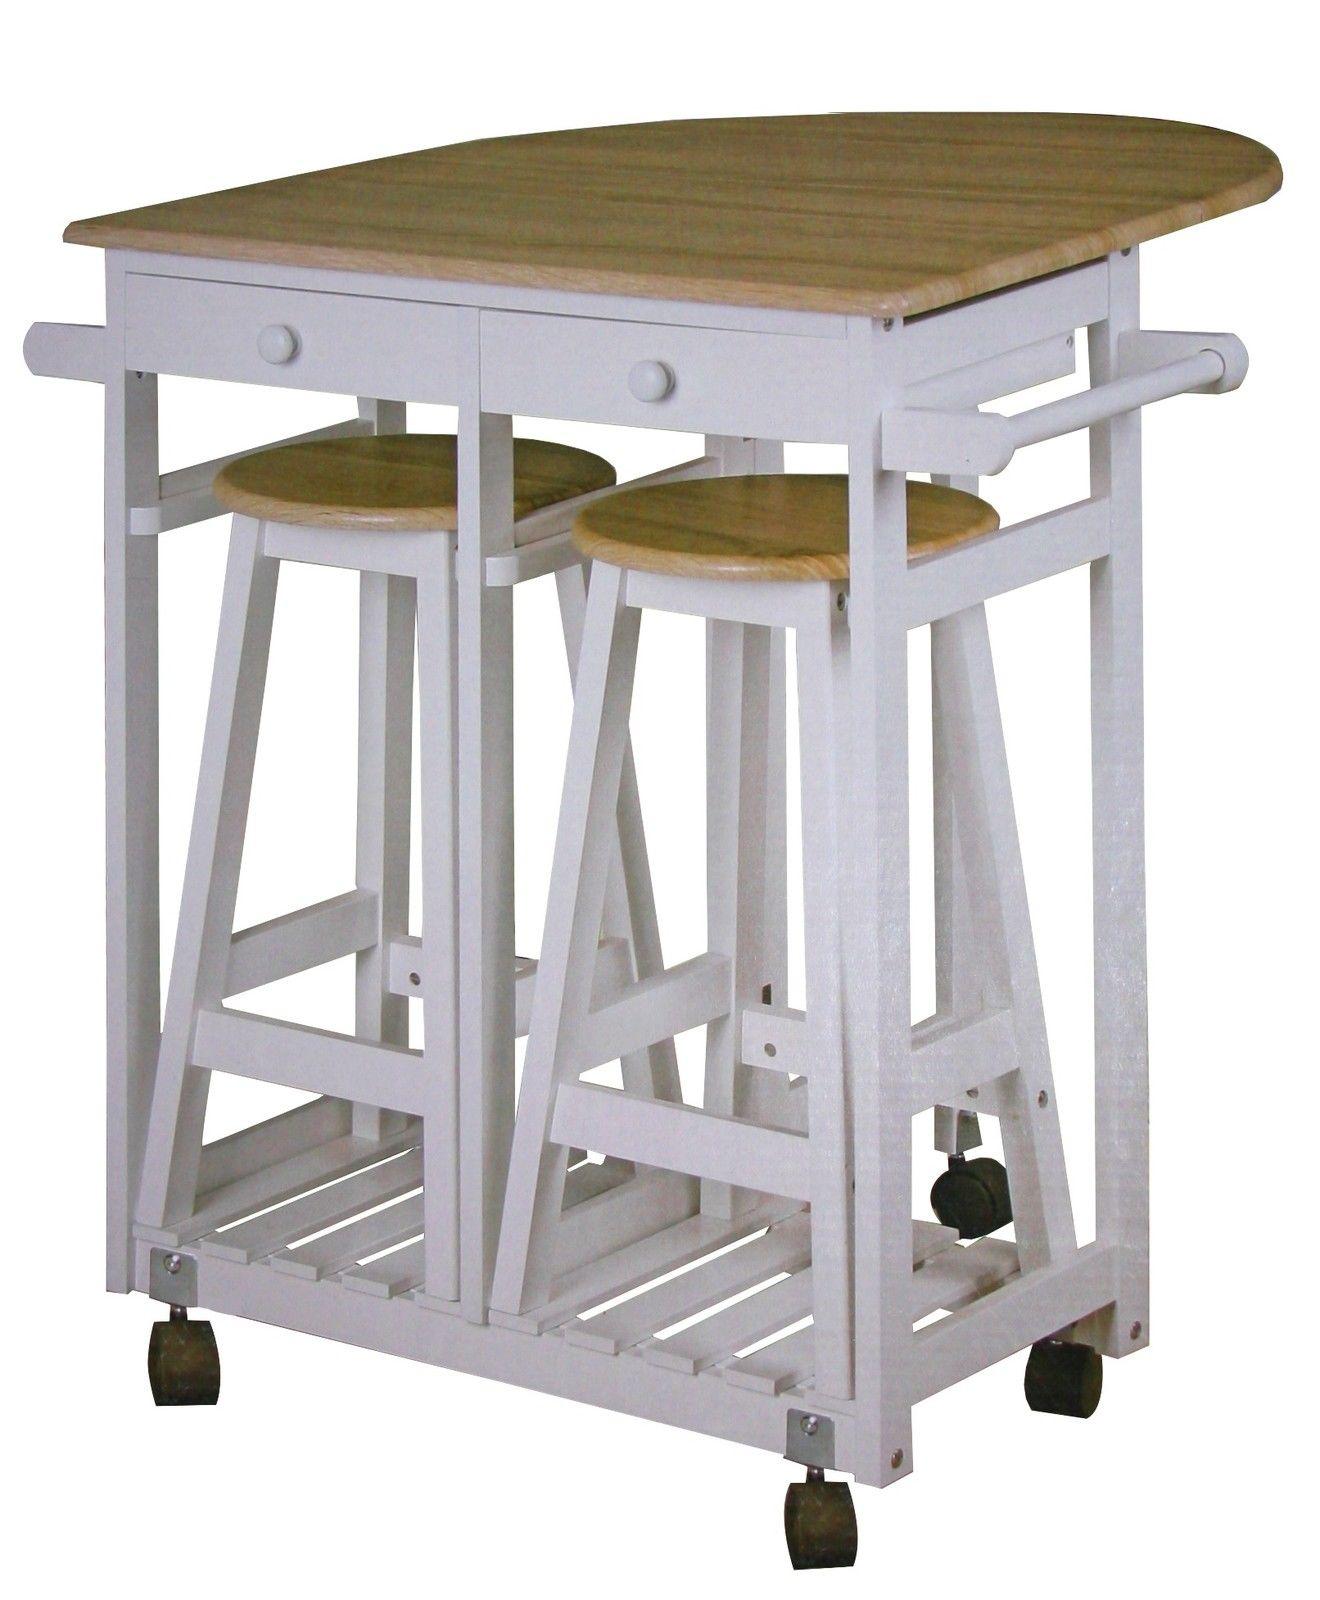 Full Size of Küche Mit Bar Kchenbar Auf Rollen 2 Hocker Kchentisch Tresen Tisch Betten Aufbewahrung U Form Ikea Sofa Schlaffunktion Kaufen Elektrogeräten Jalousieschrank Wohnzimmer Küche Mit Bar